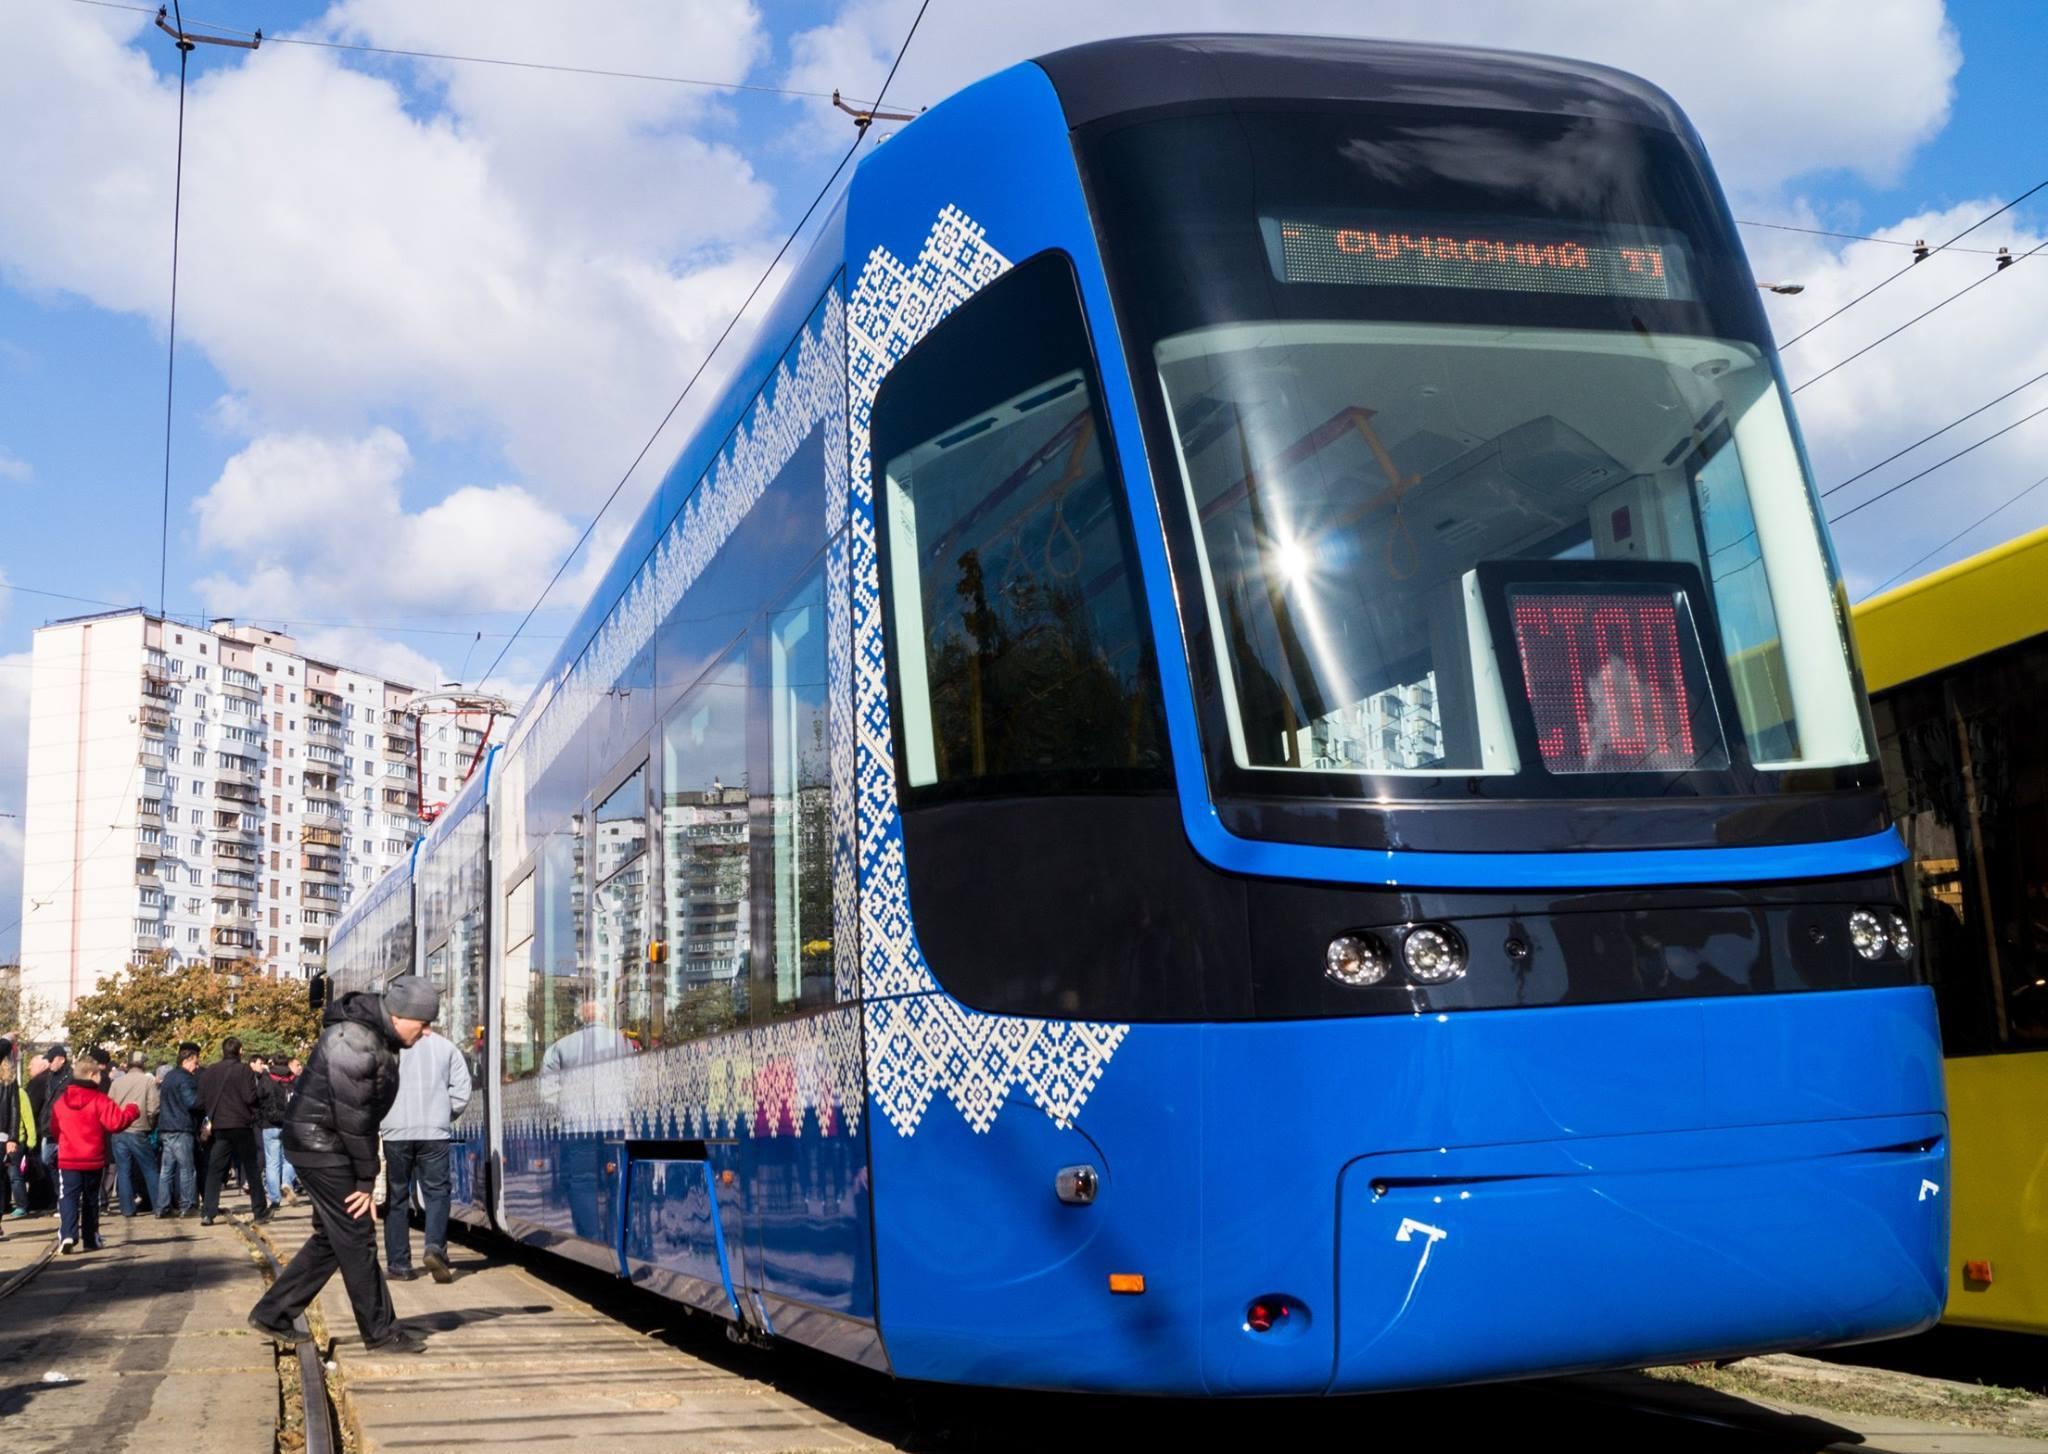 Можно подзарядить телефон: вКиеве запустили трамвай сWi-Fi икондиционером